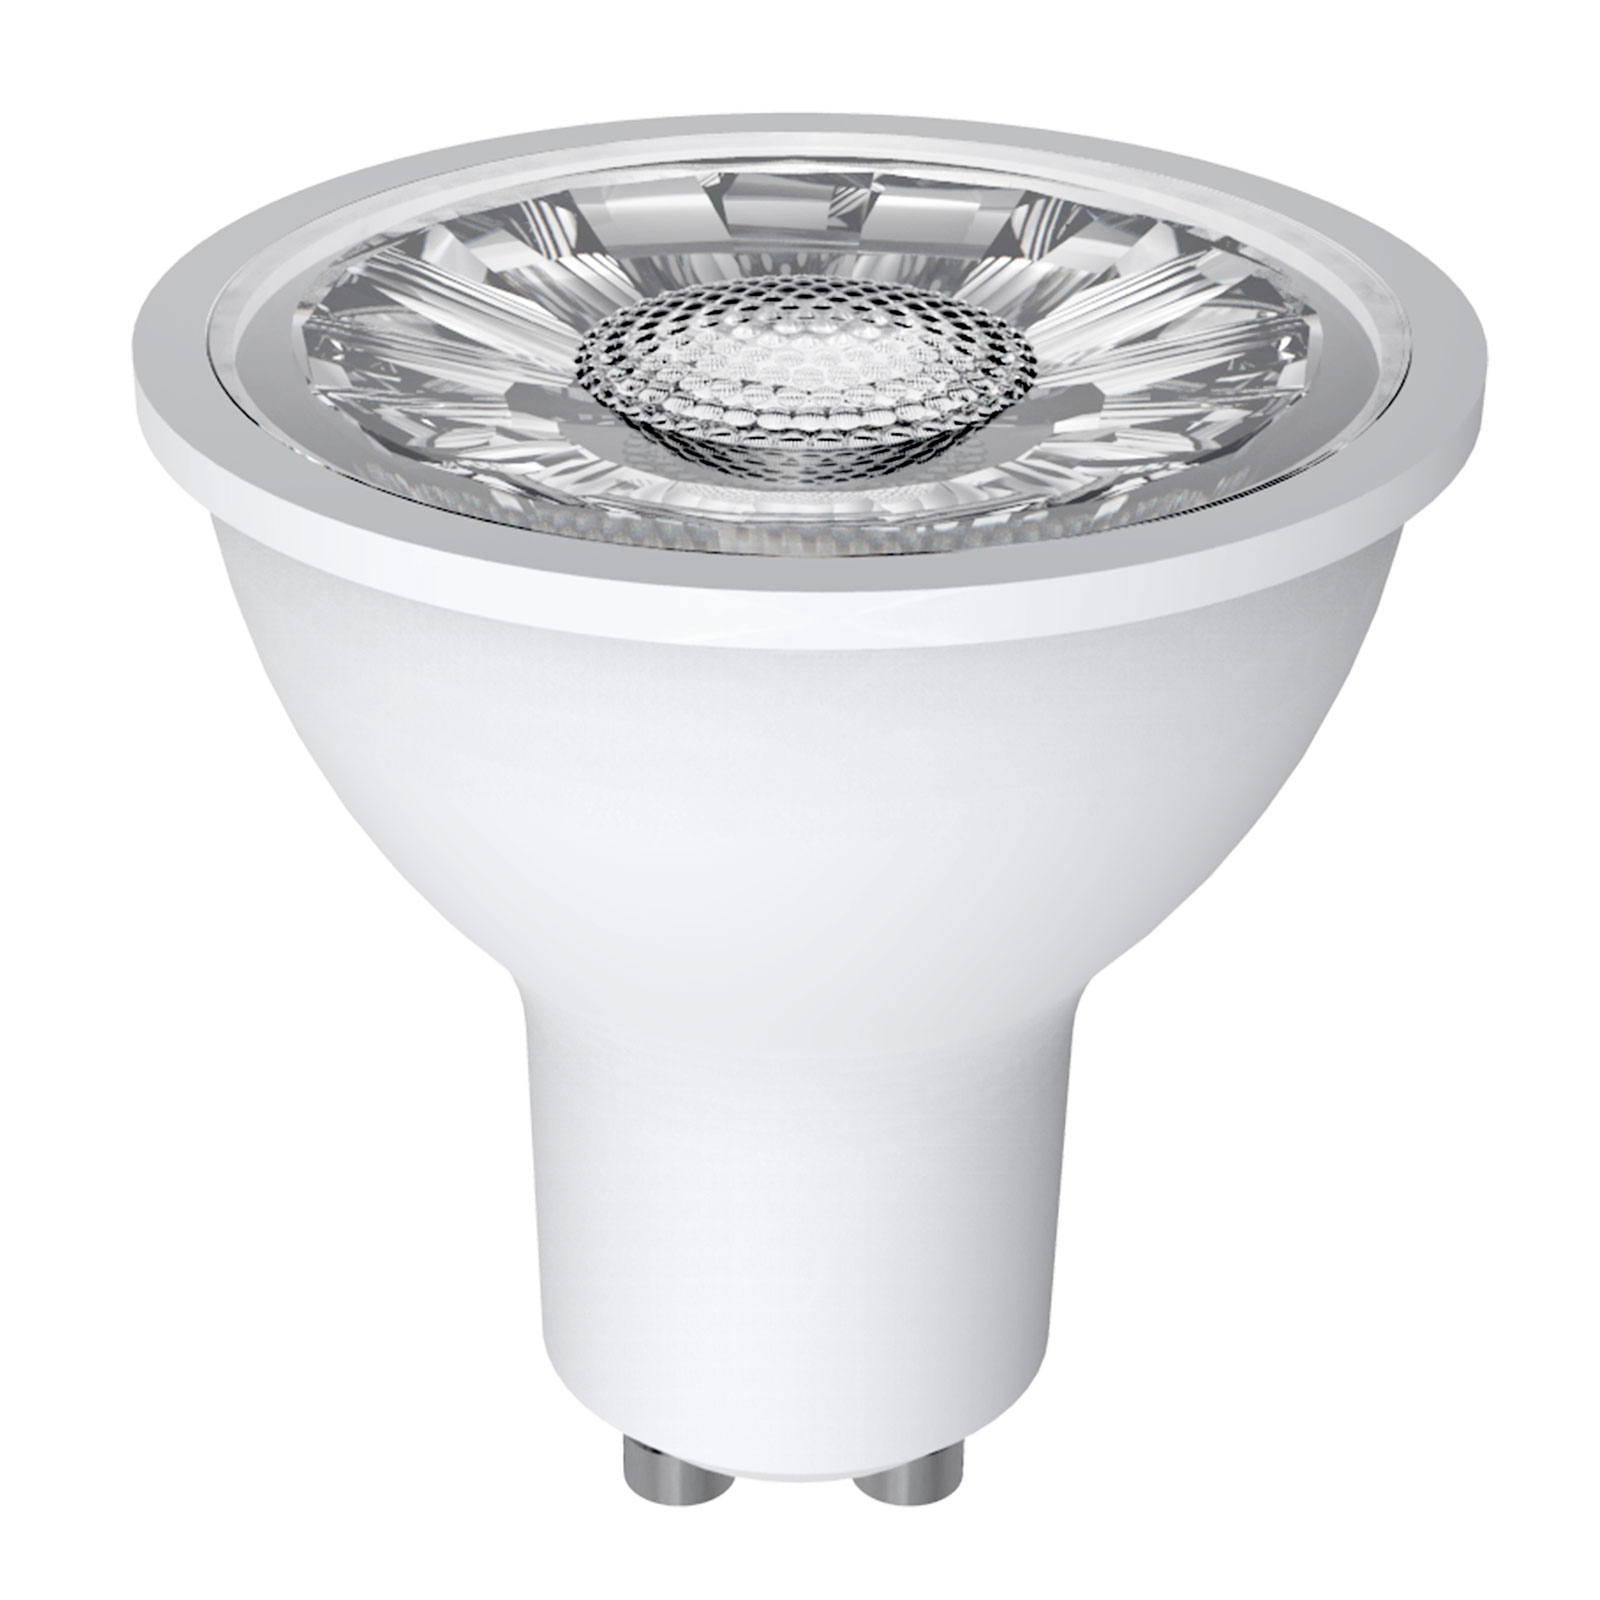 LED-Reflektor GU10 5,5W 345lm 36° 2.700K klar